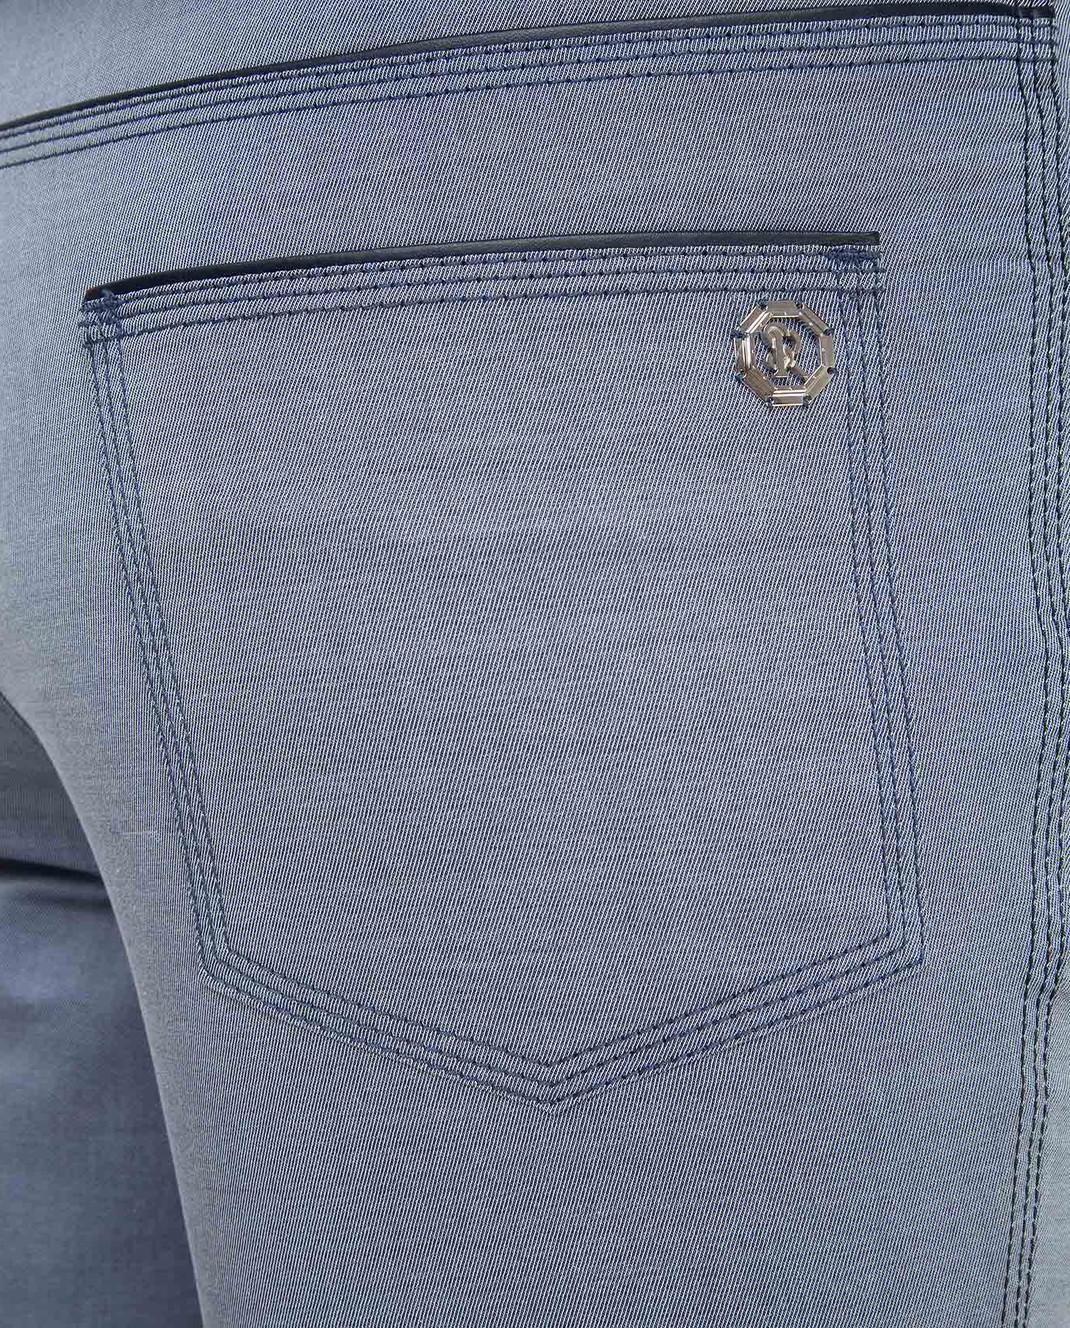 Stefano Ricci Голубые брюки MBT8100020 изображение 5